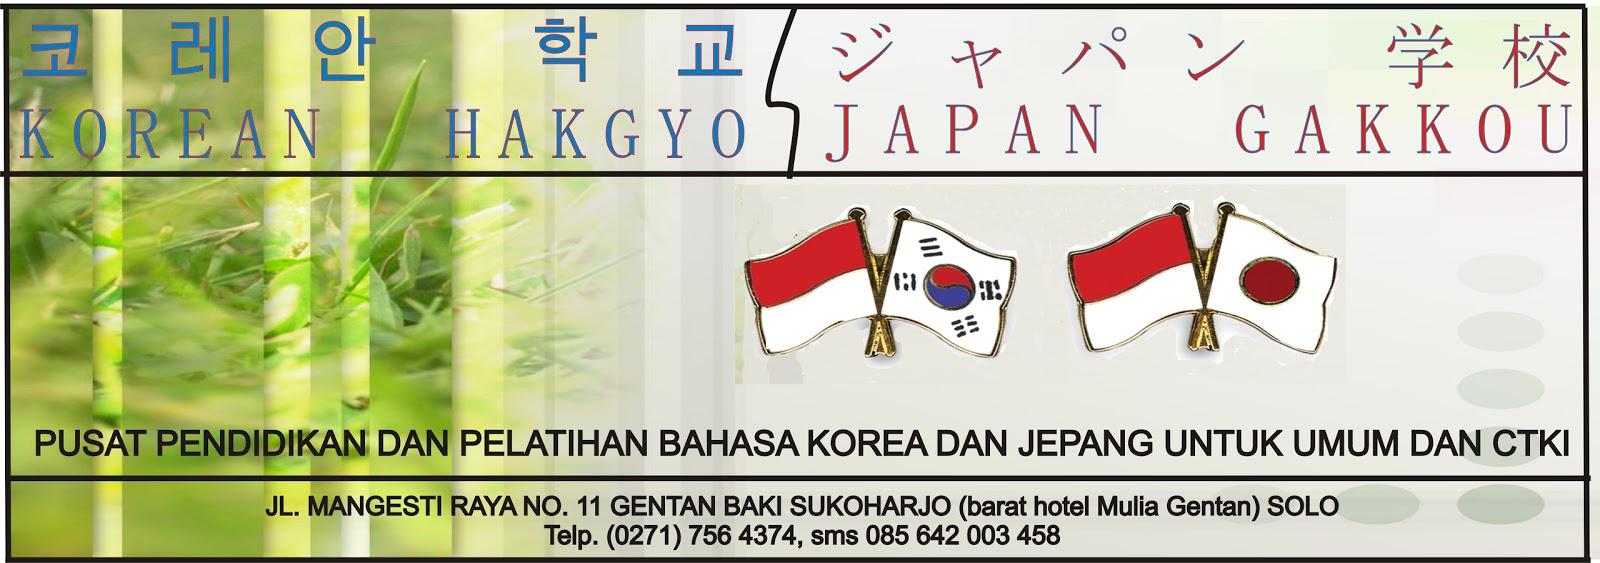 학교 bersama Japan Gakkou ジャパン 学校 membuka pendaftaran ...